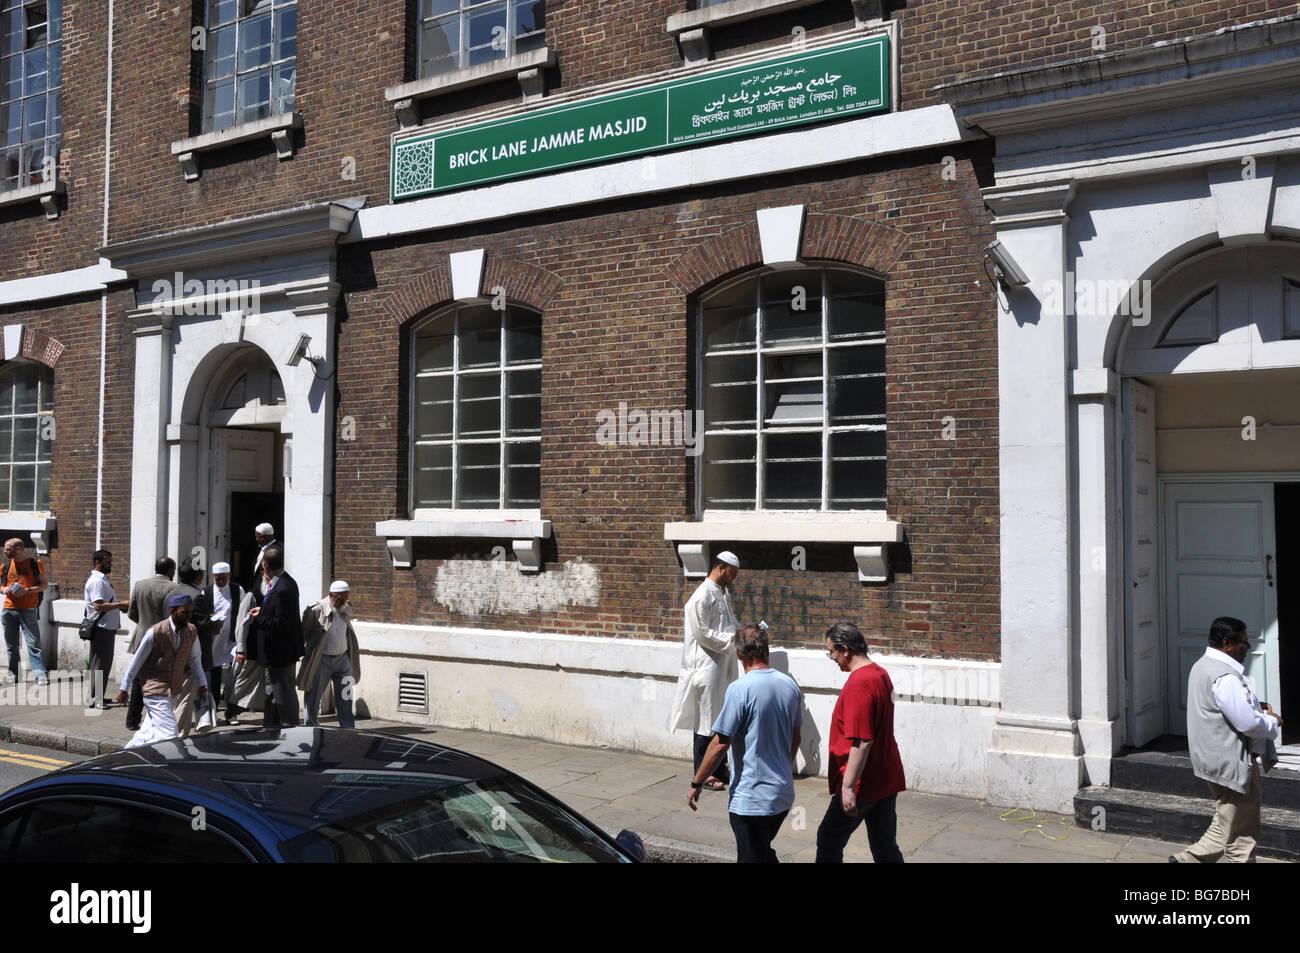 Las personas se reúnen en una mezquita de Brick Lane de Londres, Inglaterra, Reino Unido Imagen De Stock